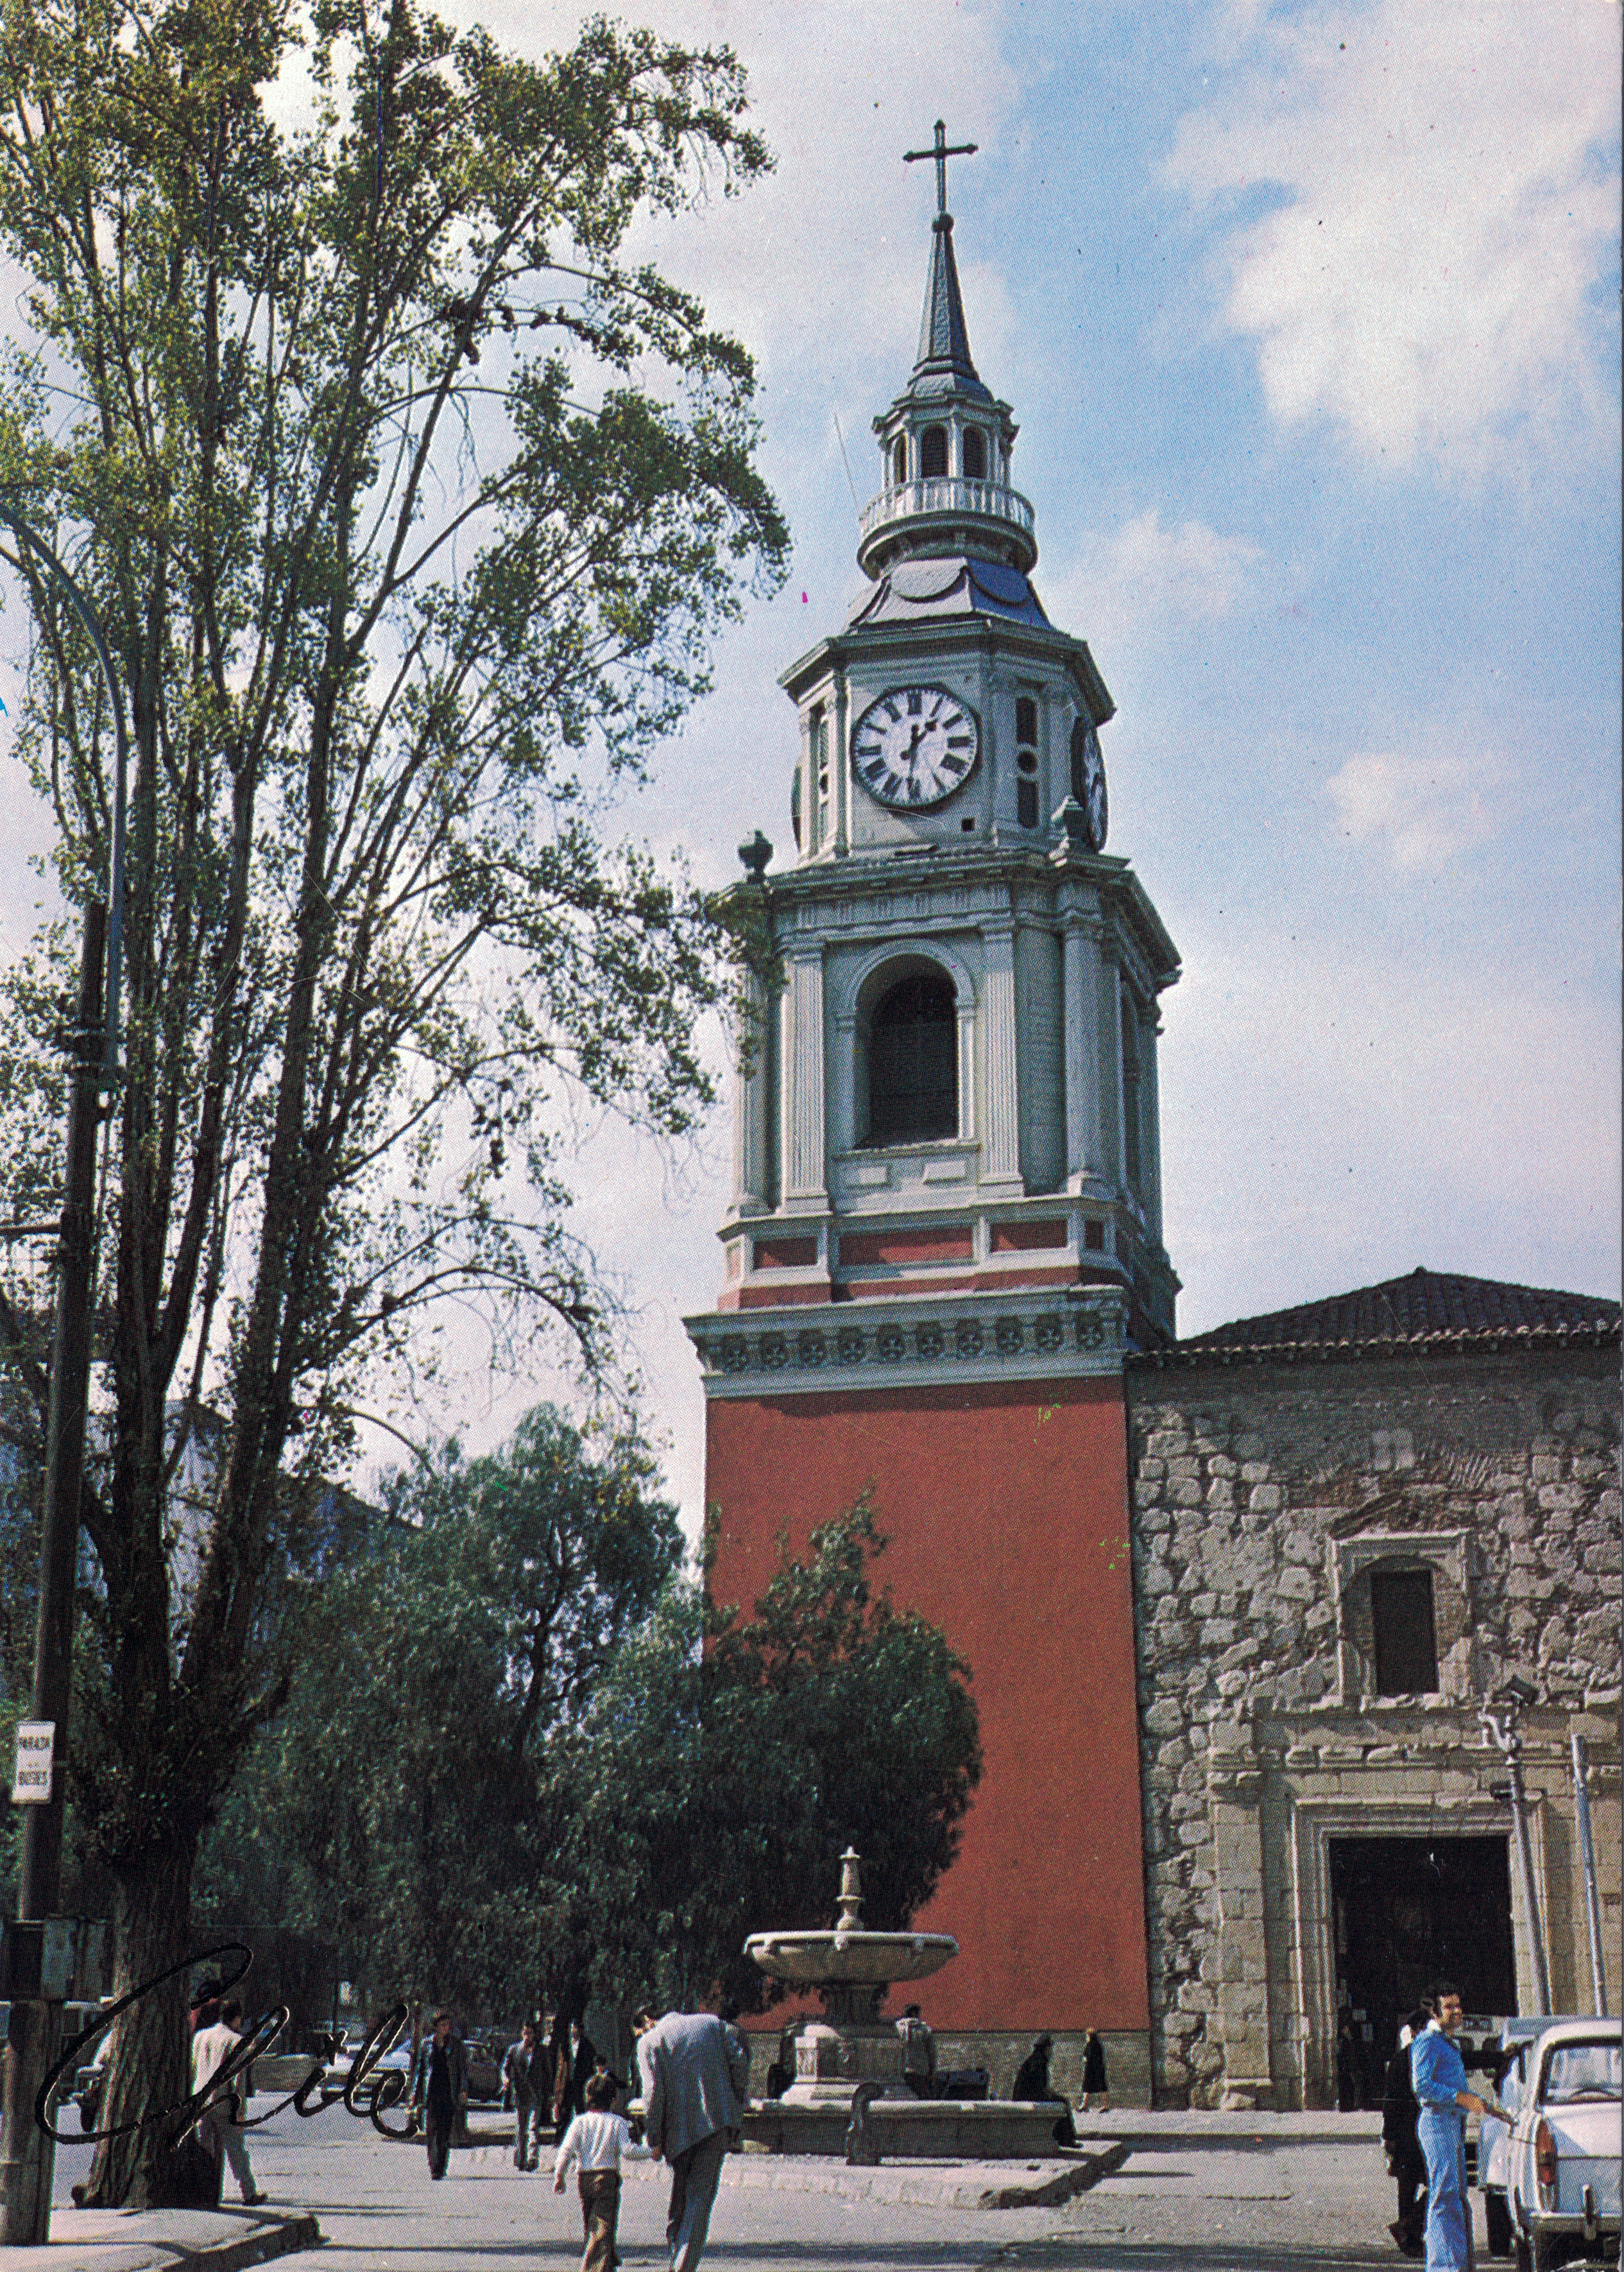 Enterreno - Fotos históricas de chile - fotos antiguas de Chile - Iglesia San Francisco en los años 80s